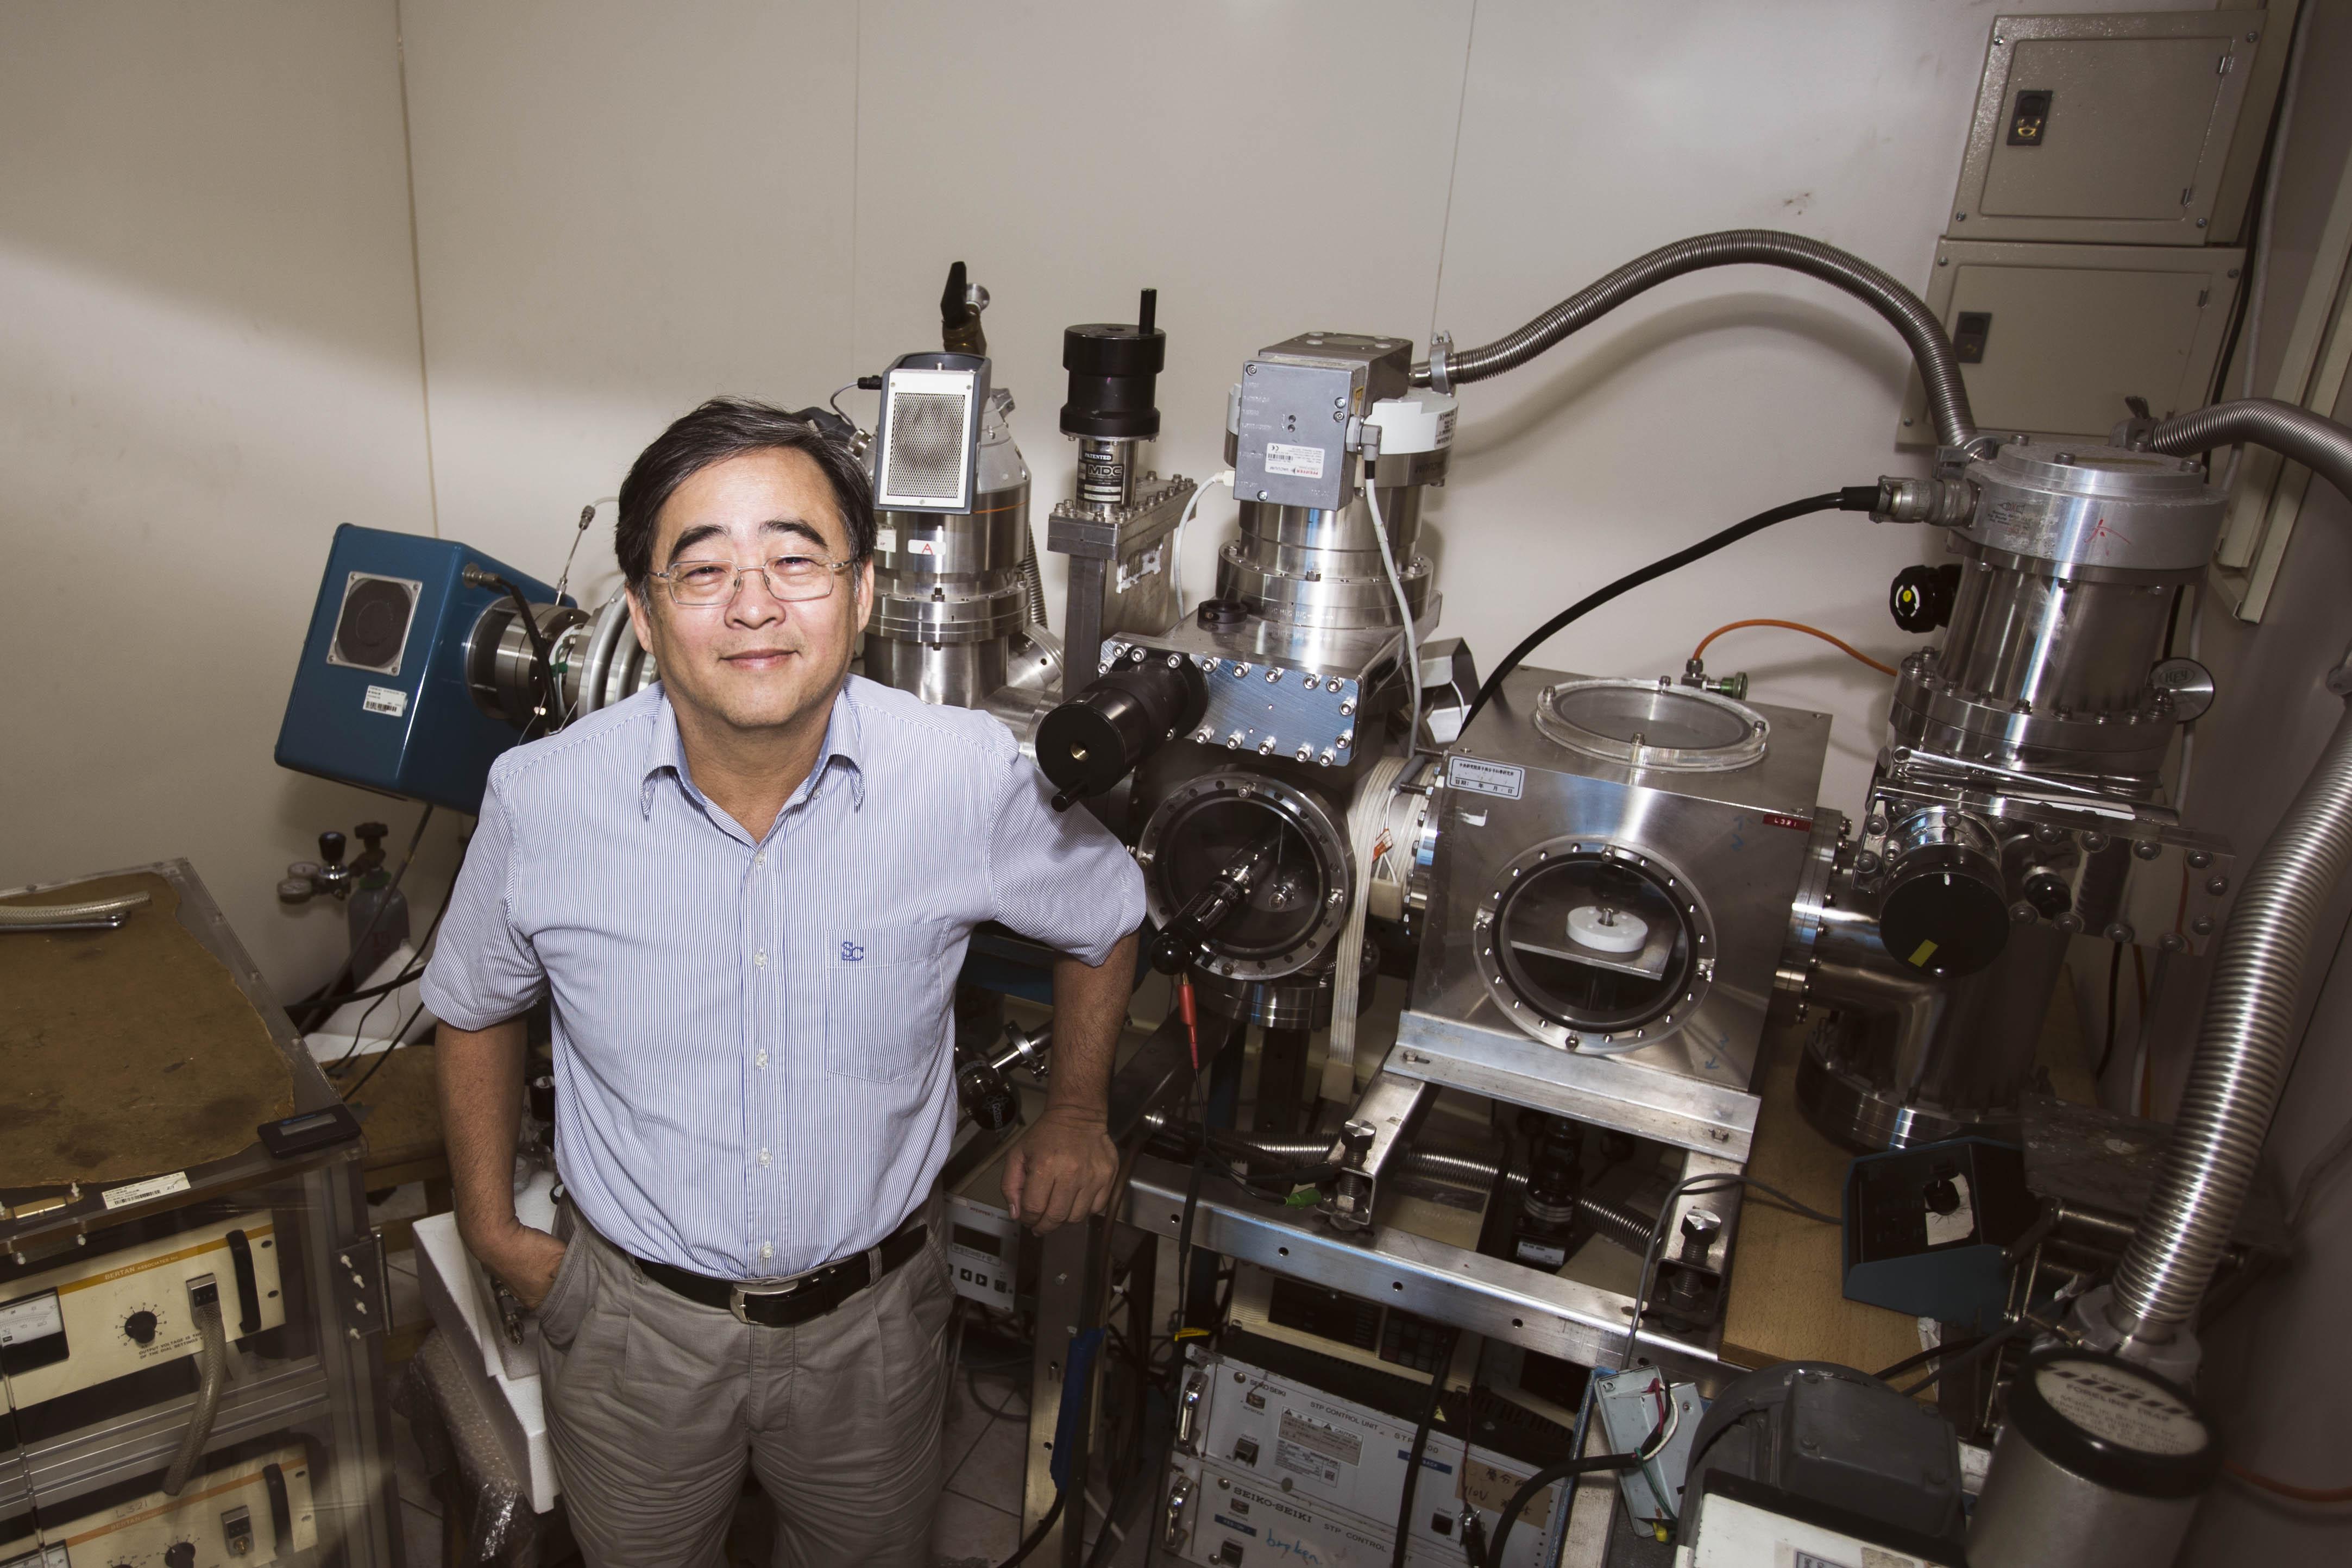 本文專訪張煥正,一探「螢光奈米鑽石」的原理,與堅持十多年的研究動力。後方是實驗室自製的小型離子加速器,可以用來製備螢光奈米鑽石。 圖│研之有物